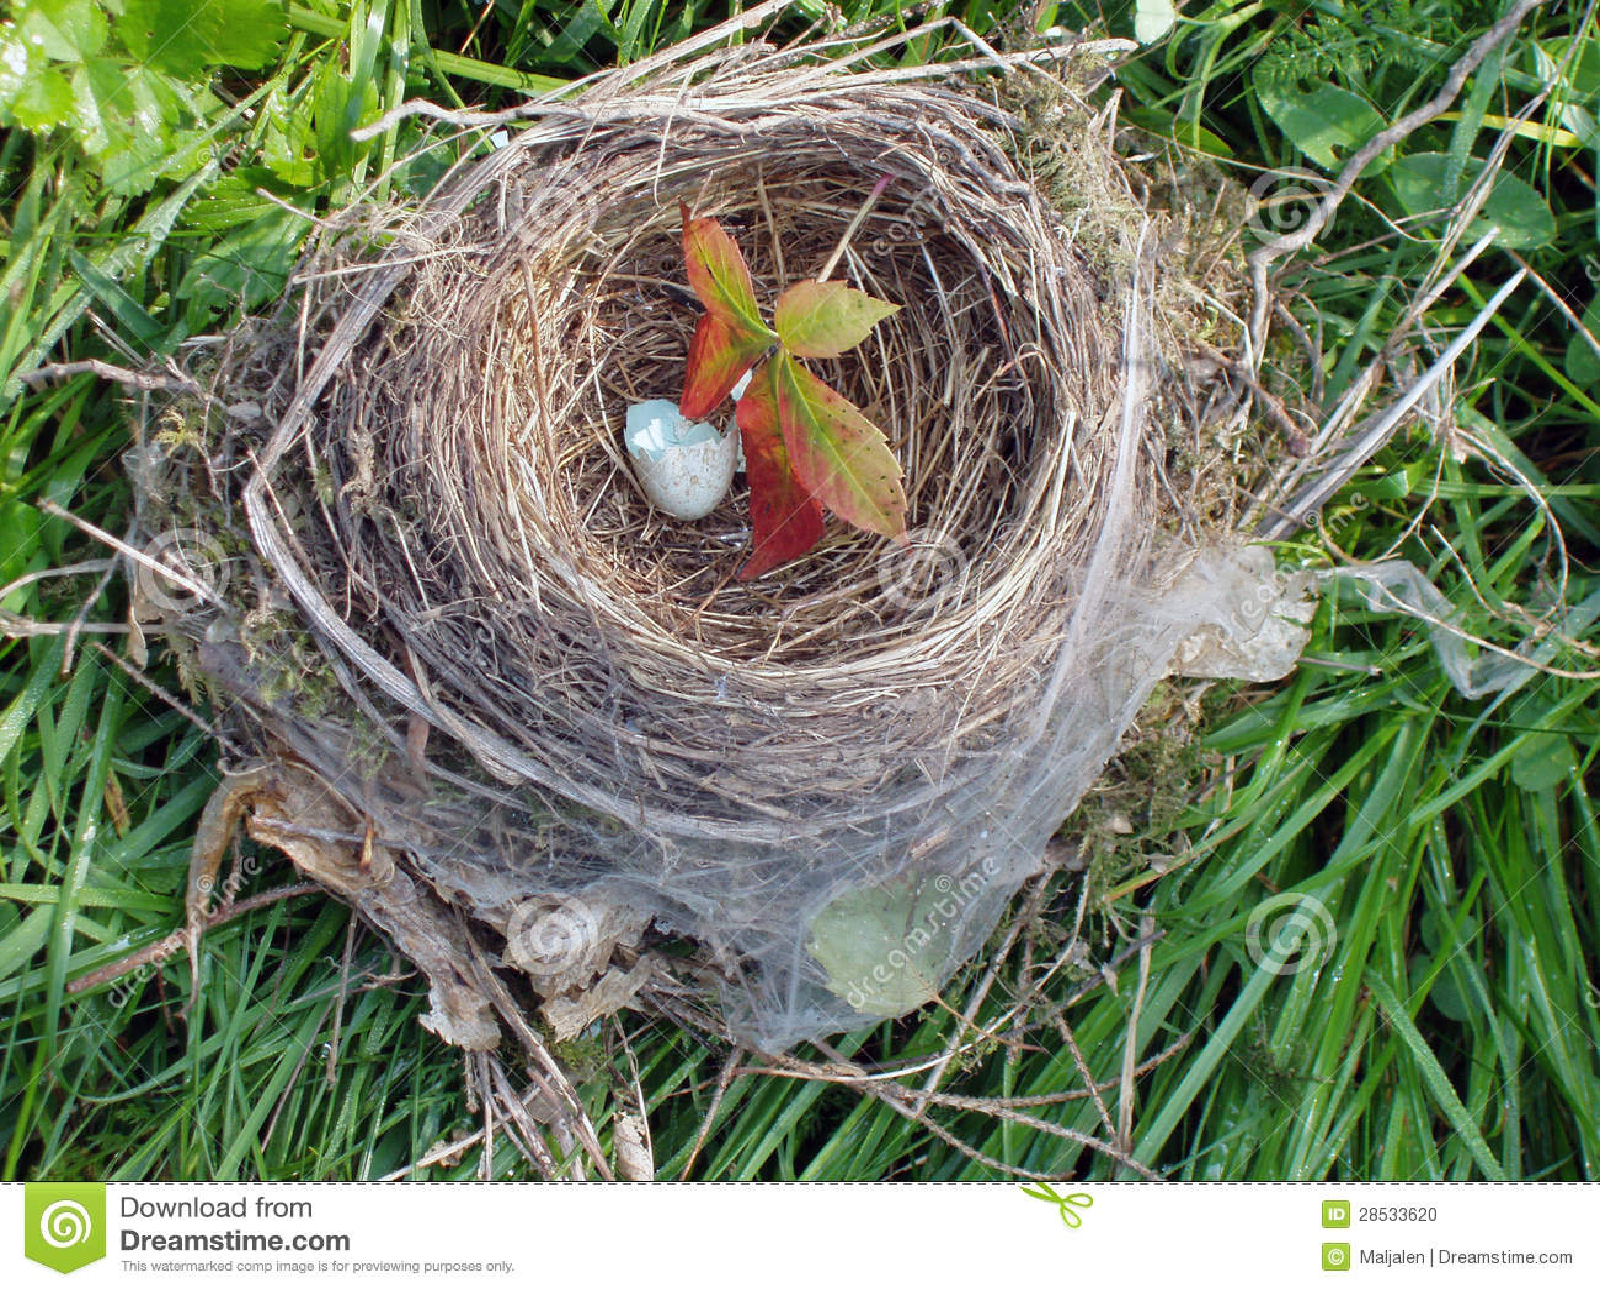 leeres nest stockfoto bild von verlassen ge ffnet brach 28533620. Black Bedroom Furniture Sets. Home Design Ideas